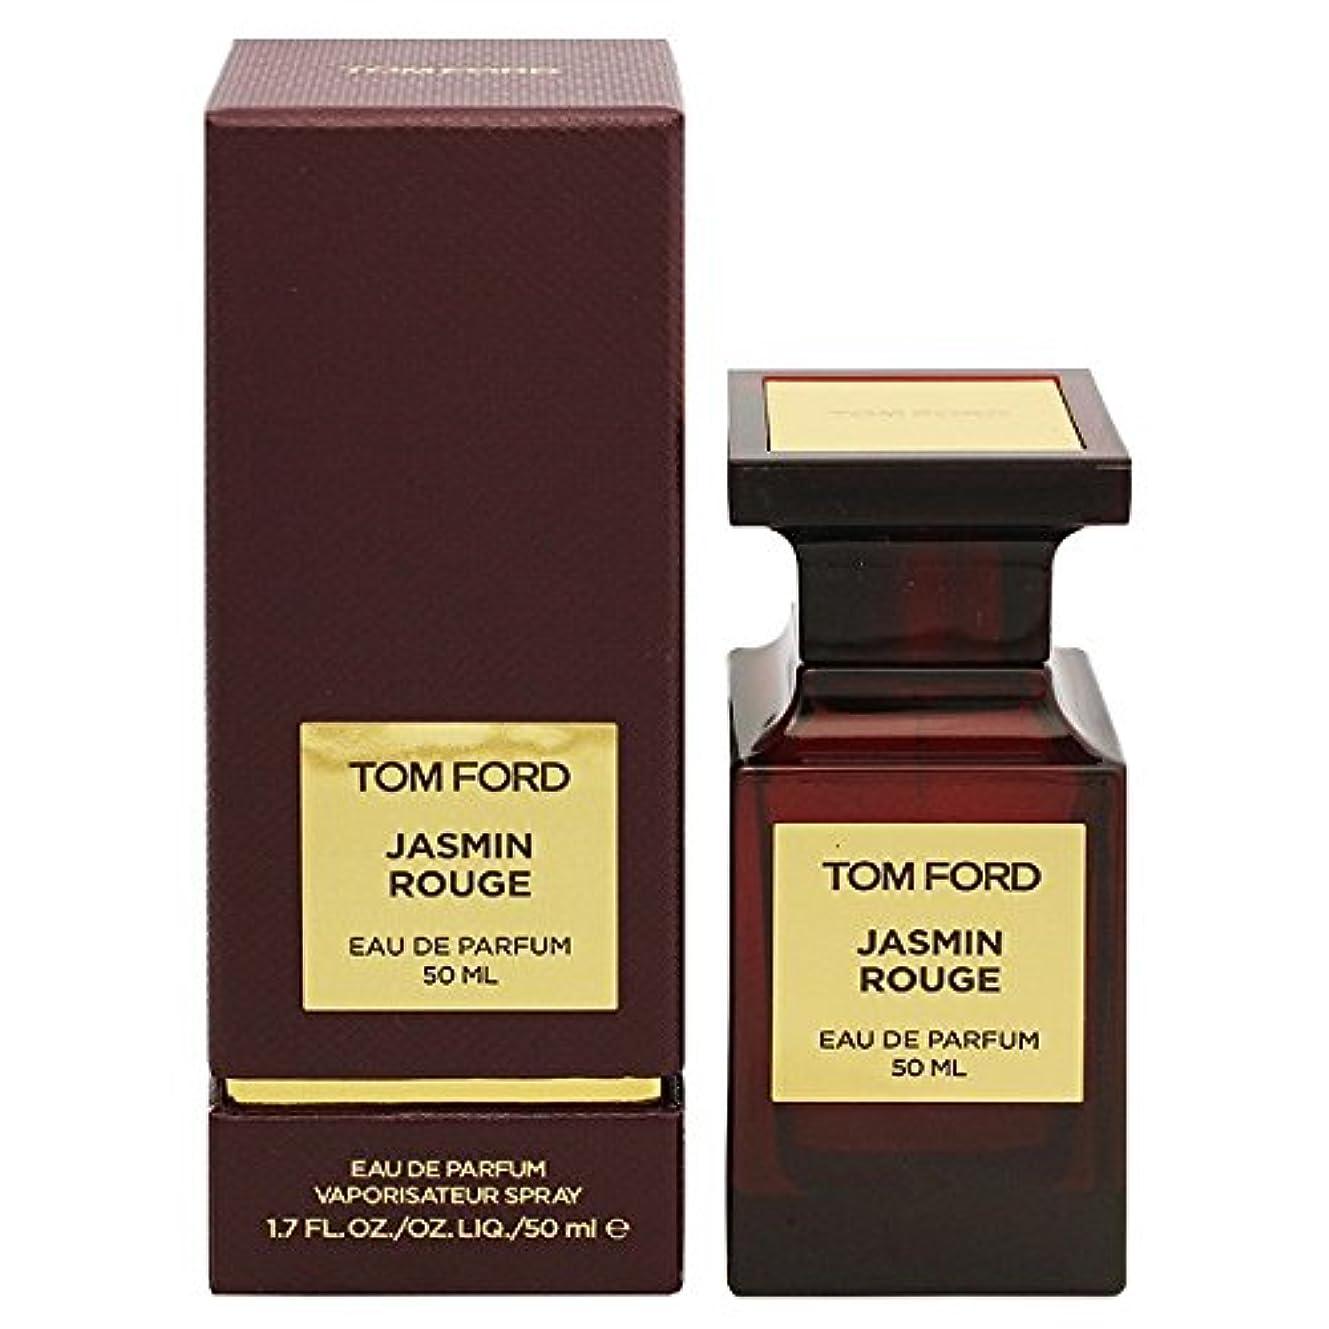 まっすぐ解読する罪人トムフォード TOM FORD 香水 ジャスミン ルージュ オード パルファム 50ml レディース [並行輸入品]